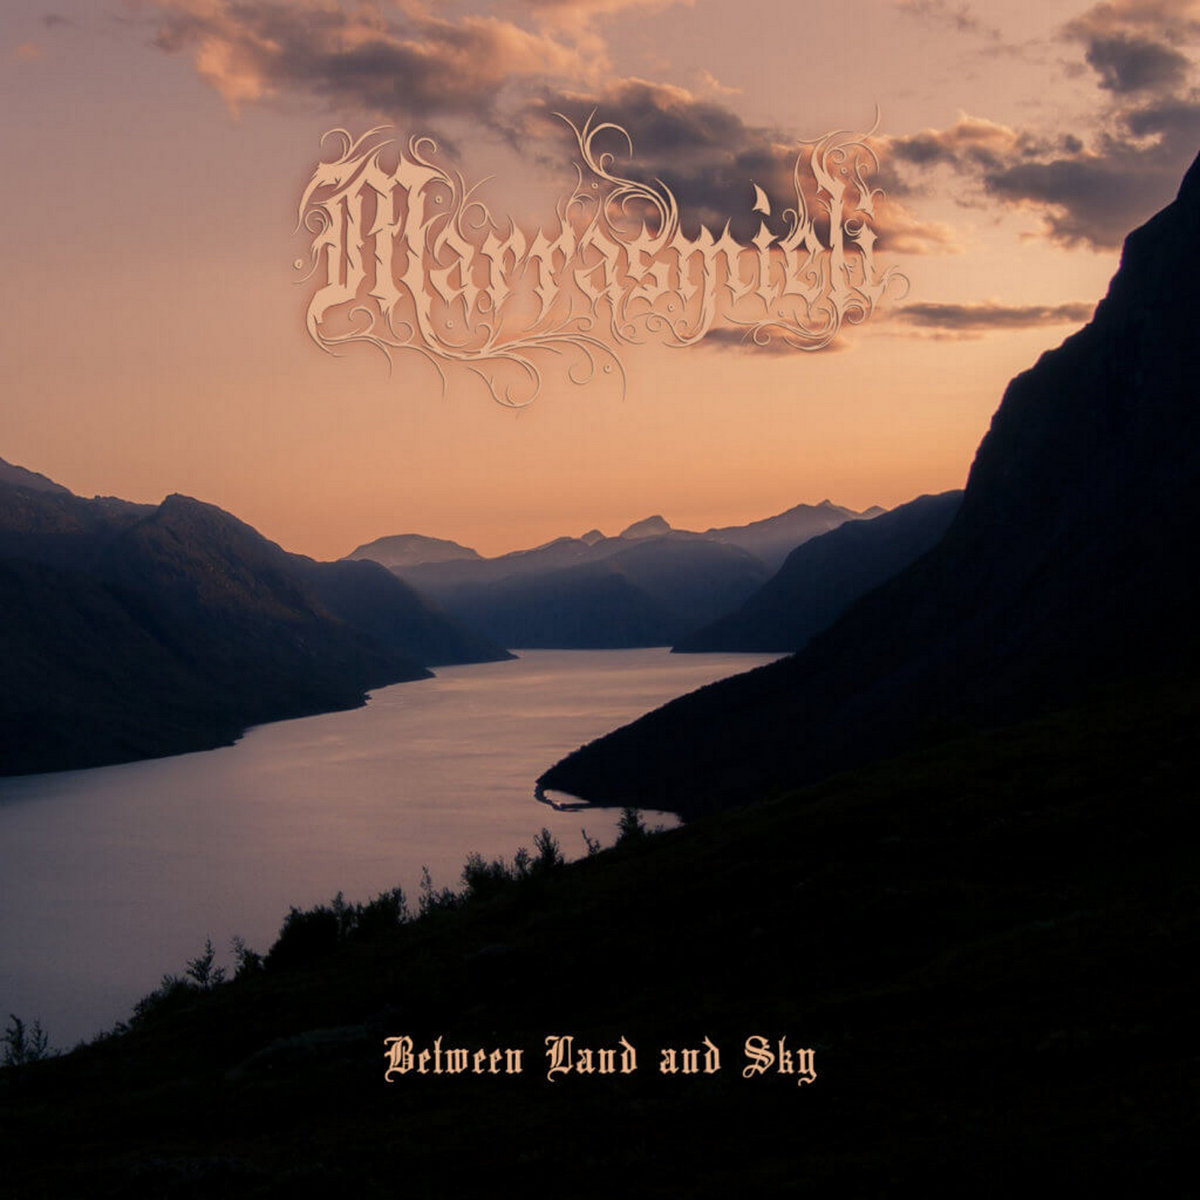 Marrasmieli: Between Land and Sky